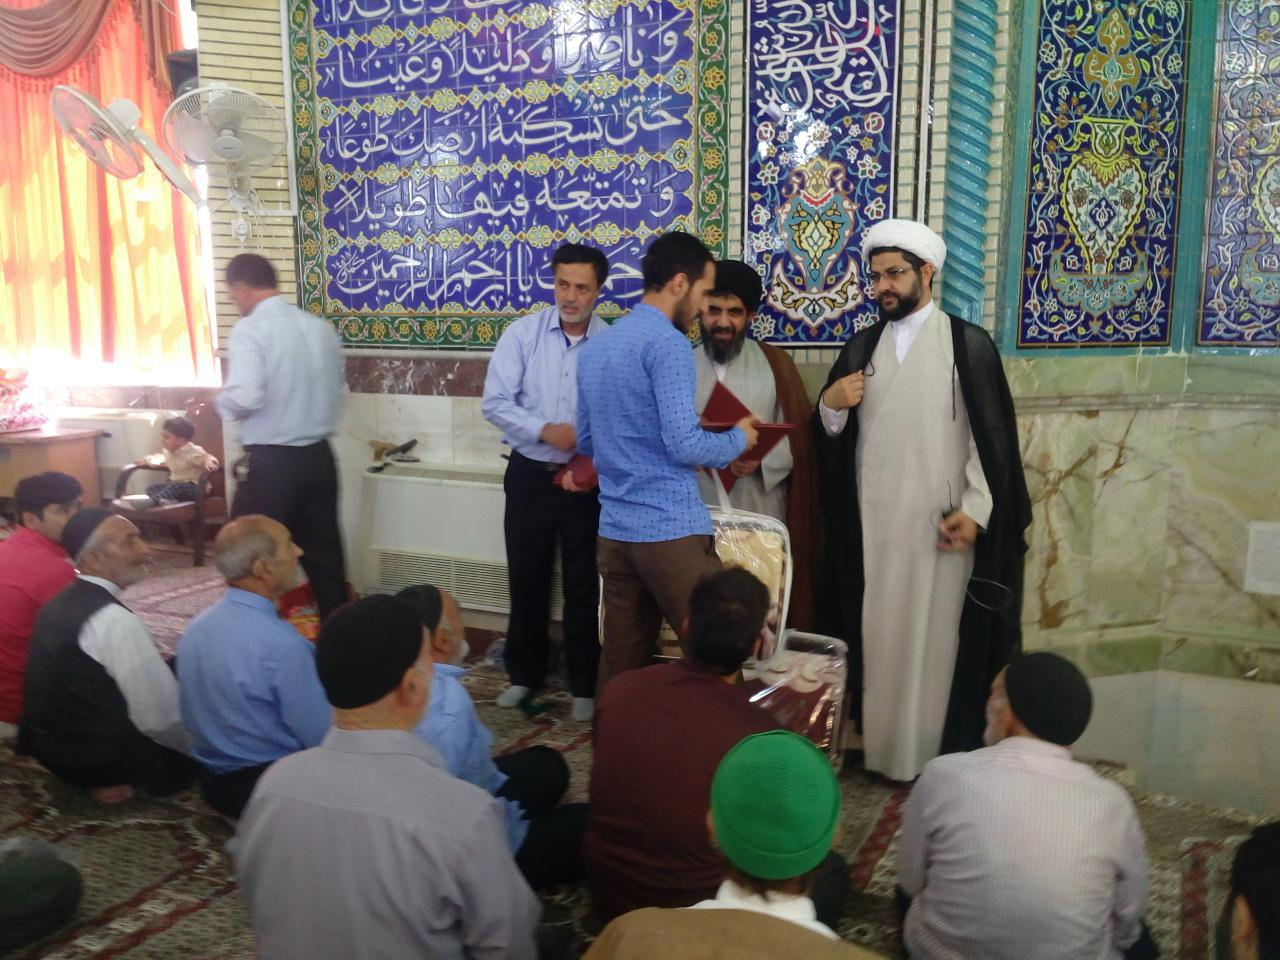 اهدای جوائز به نفرات برتر استانی و کشوری در رشته های علمی فرهنگی و ورزشی